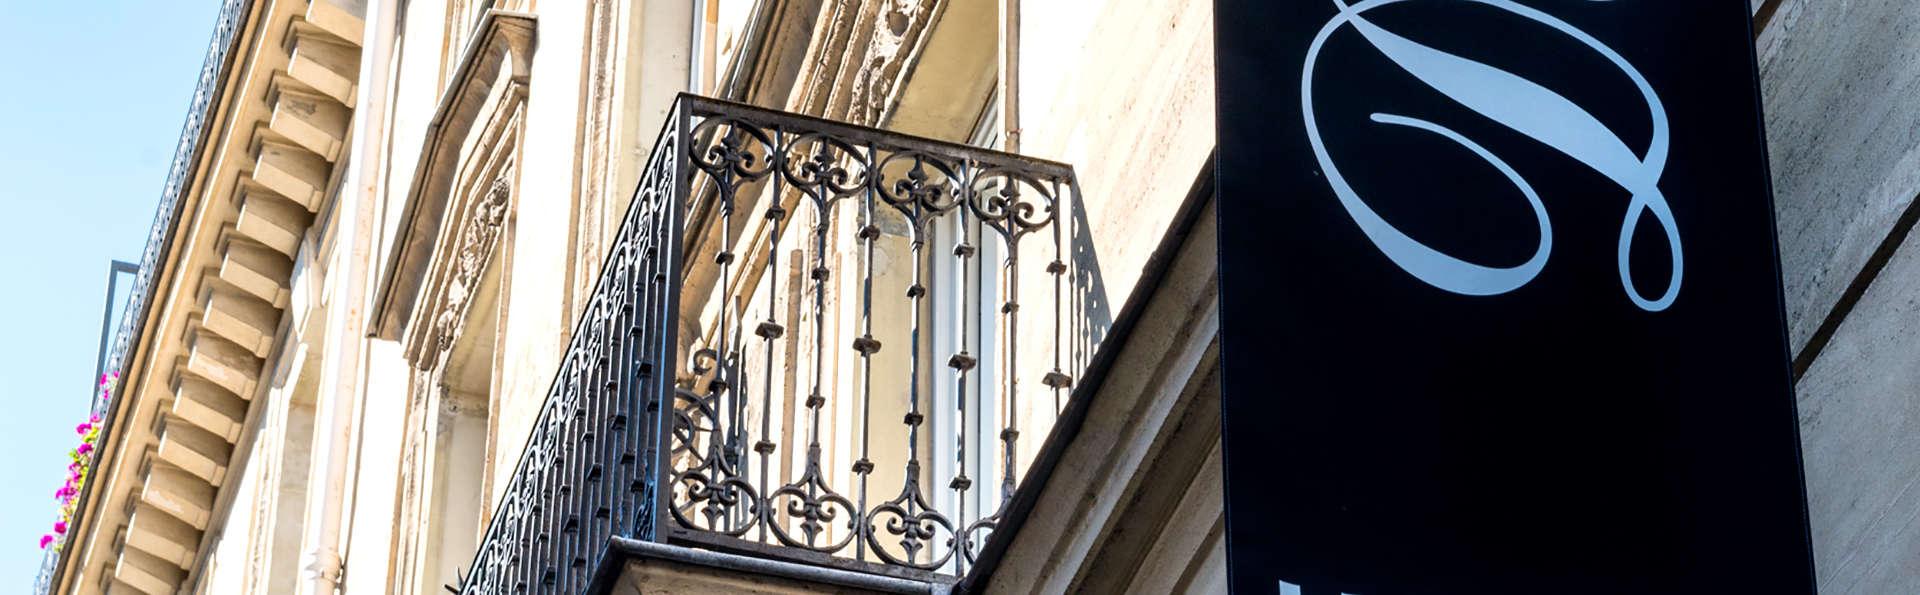 Hôtel des Ecrivains - Edit_Front2.jpg